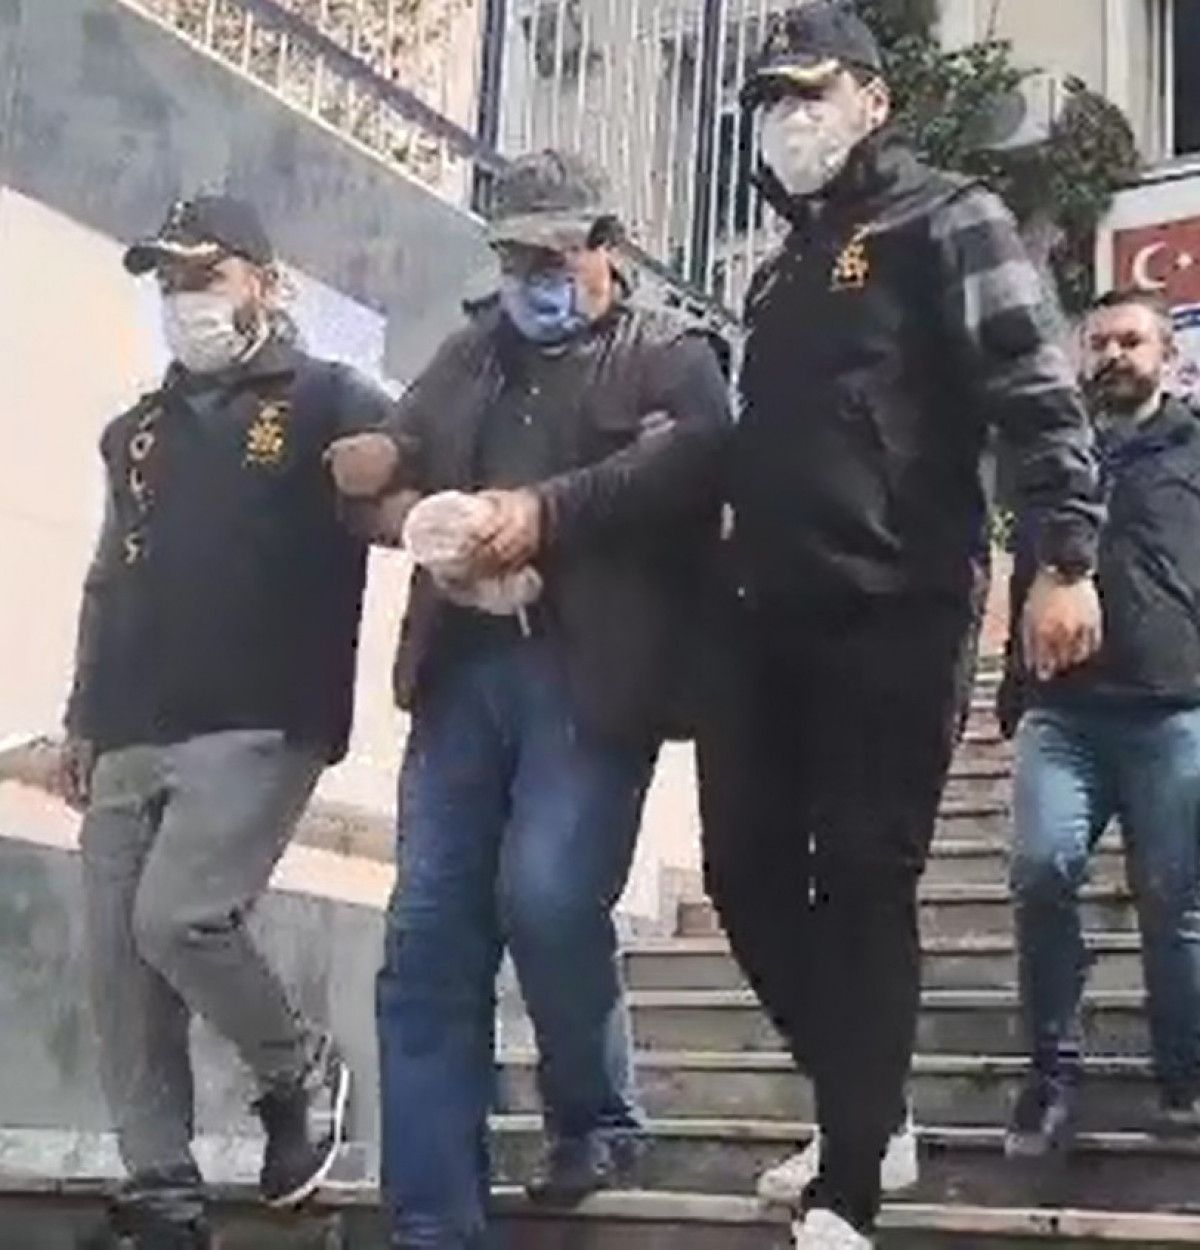 İstanbul da rögar kapağı cinayetinde 25 yıl hapis cezası alan şüpheli, yakalandı #1